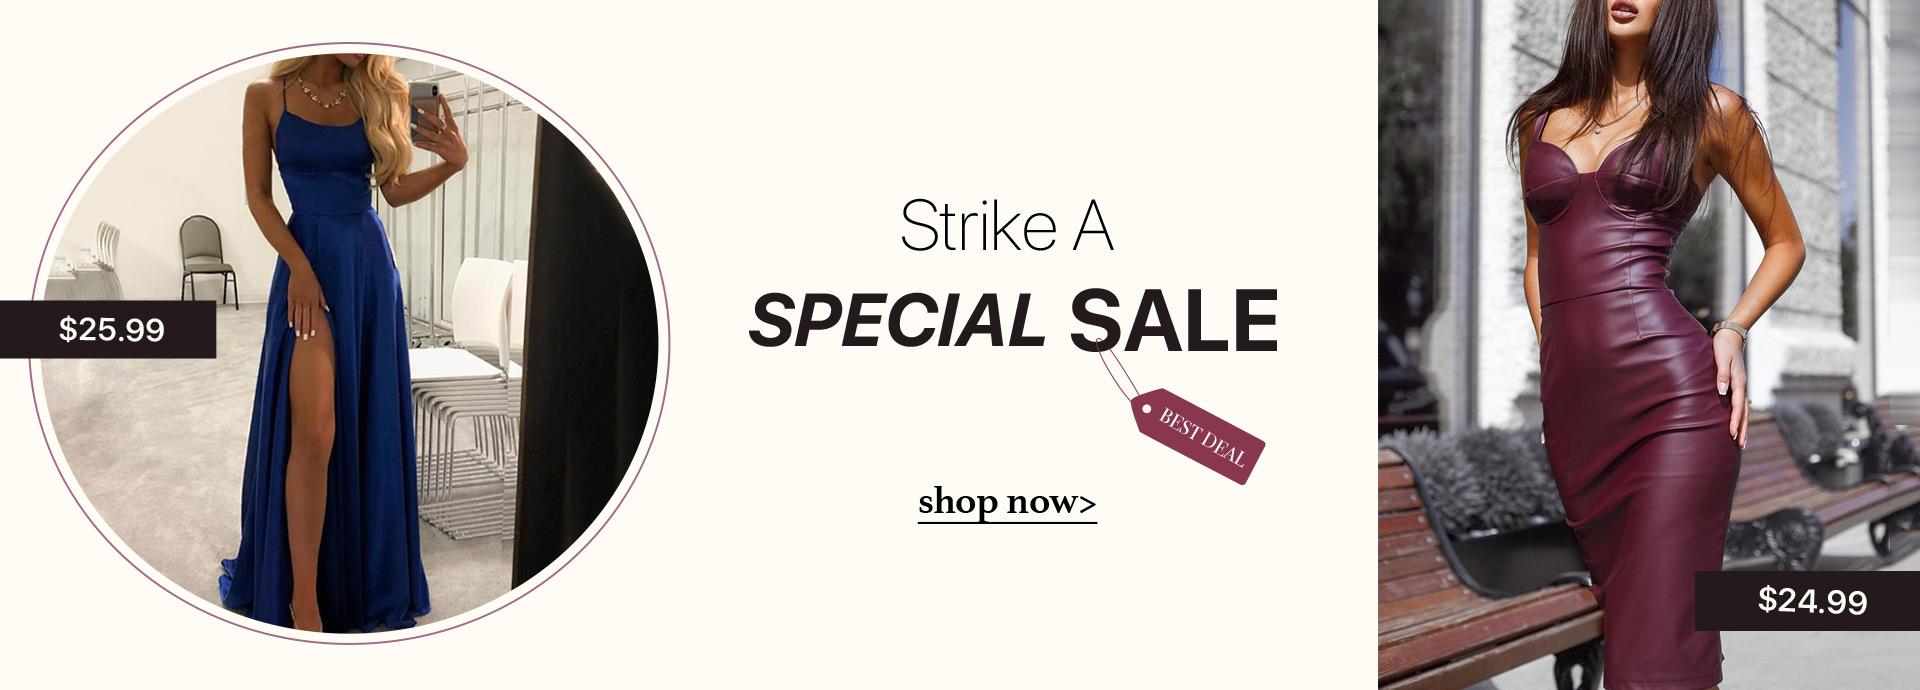 Strike A Special Sale